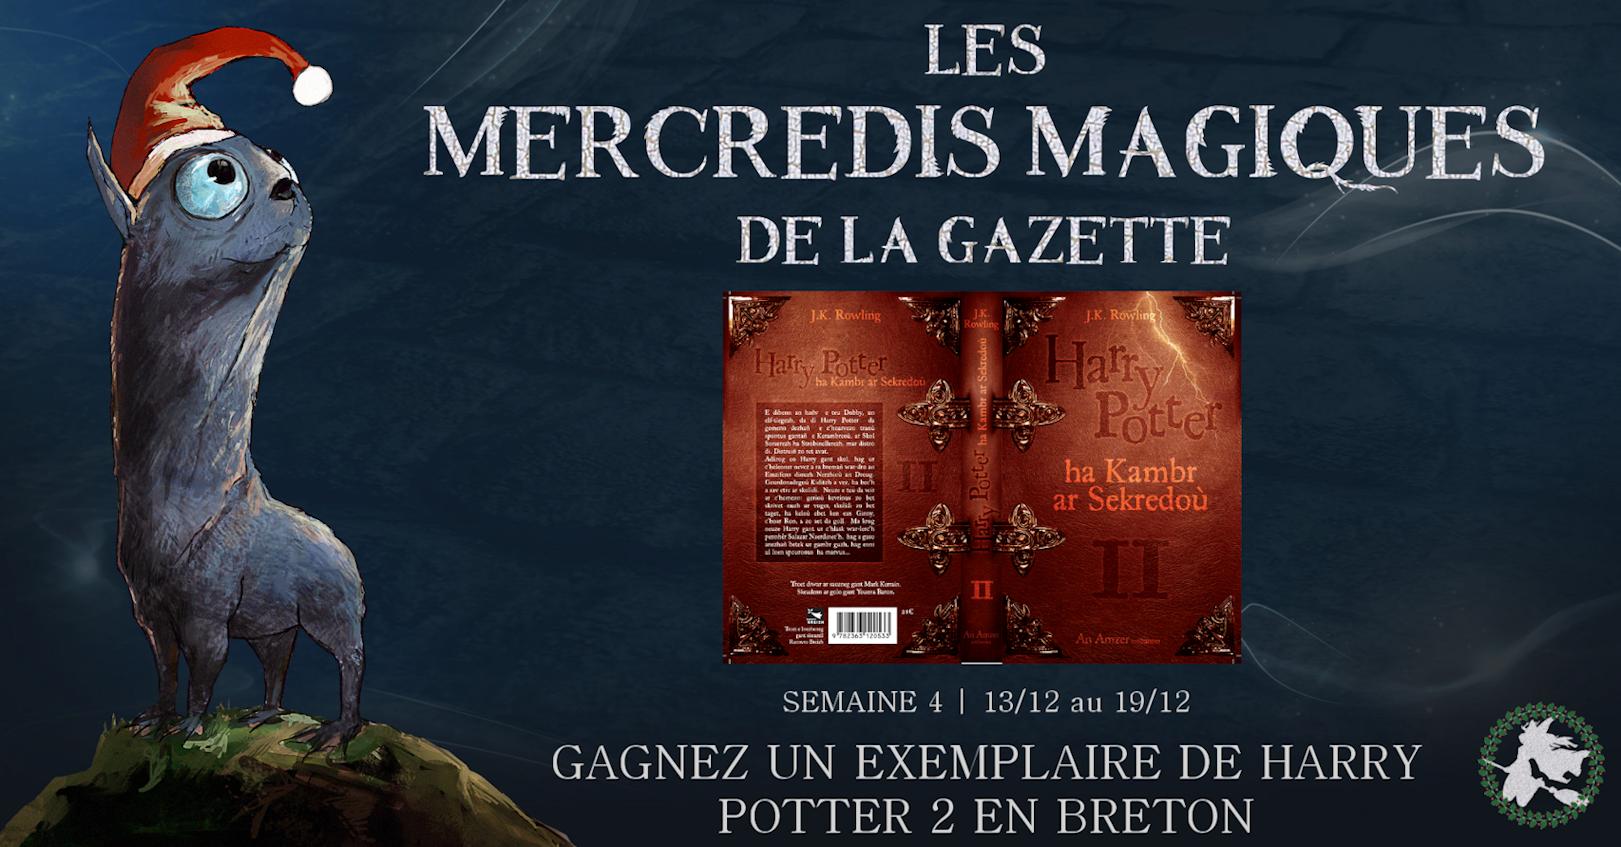 CONCOURS 'Mercredis magiques' : 10 exemplaires de 'Harry Potter et la chambre des secrets' en breton à gagner !